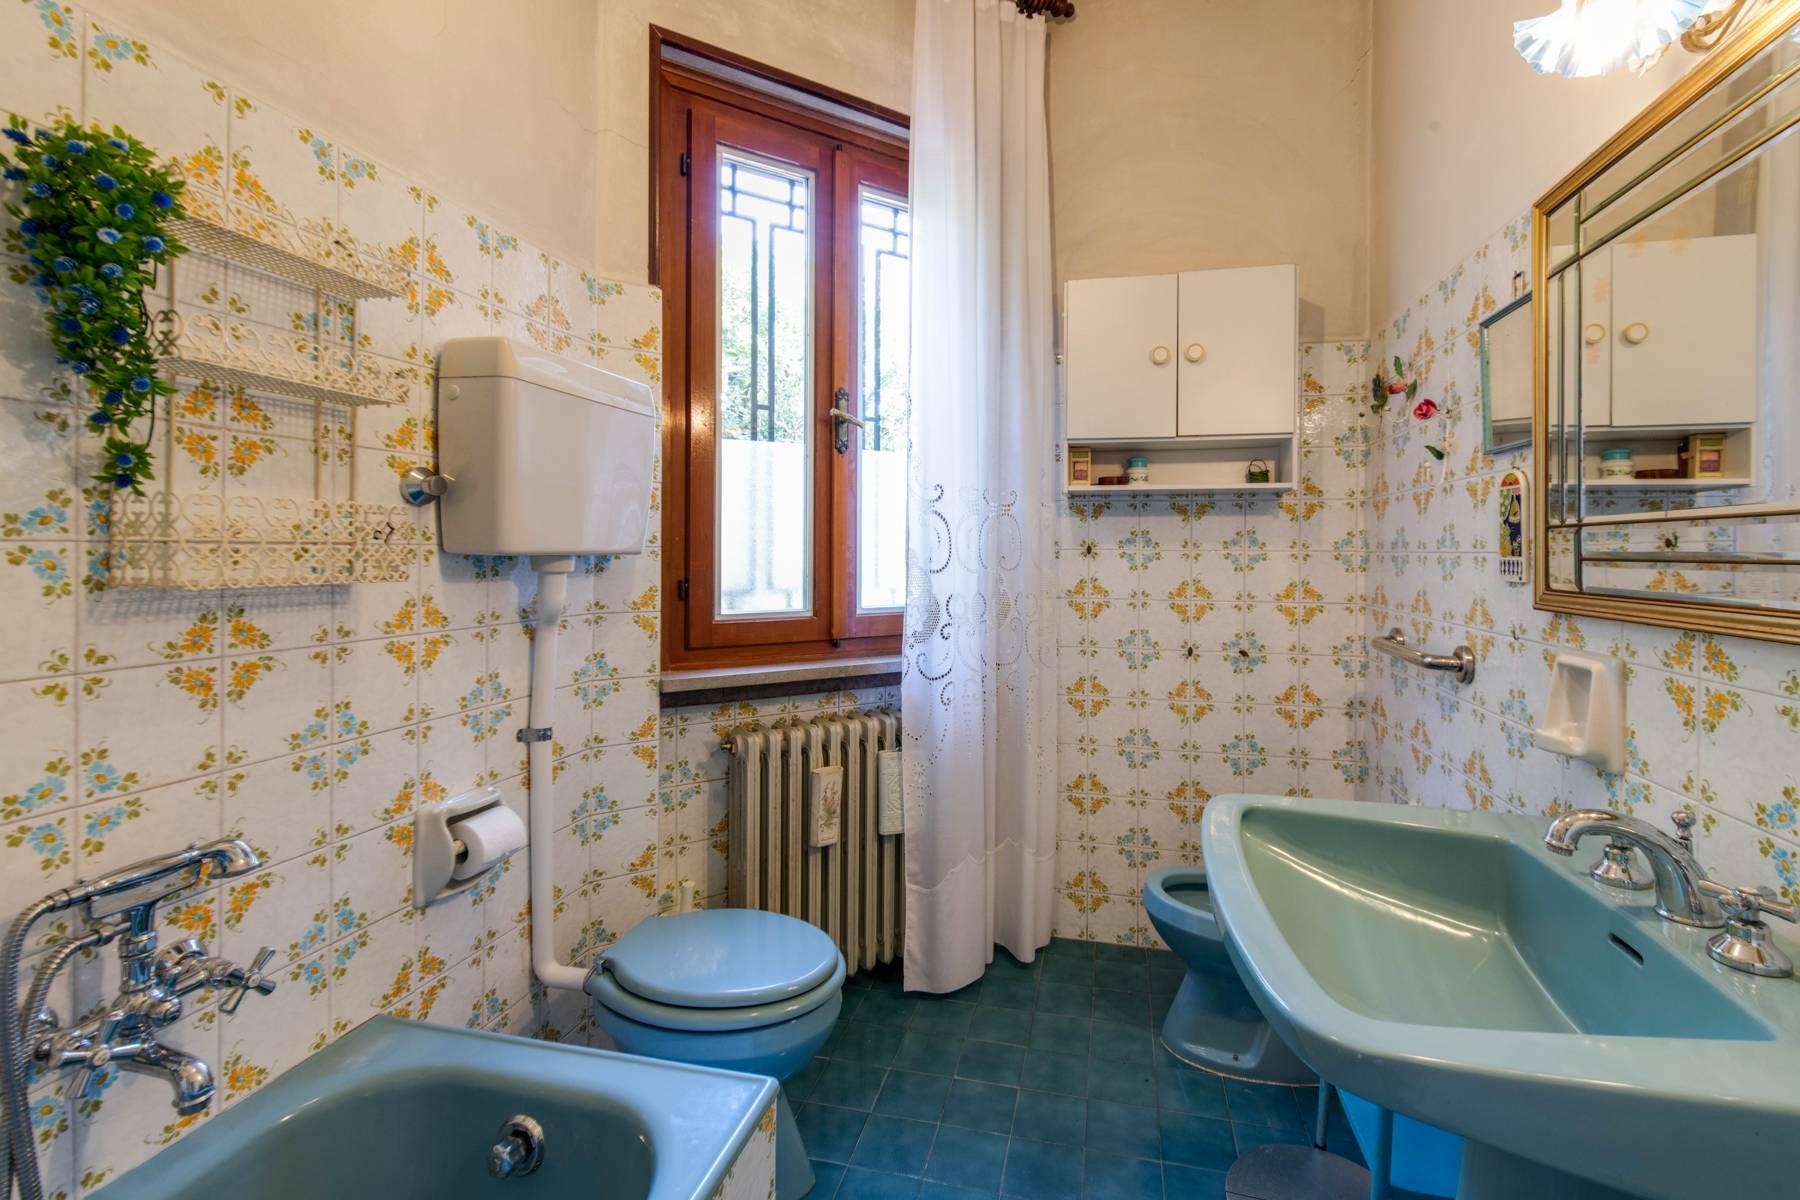 Villa in Gargnano inmitten der Olivenbäume vom Gardasee mit herrlichem Seeblick - 19